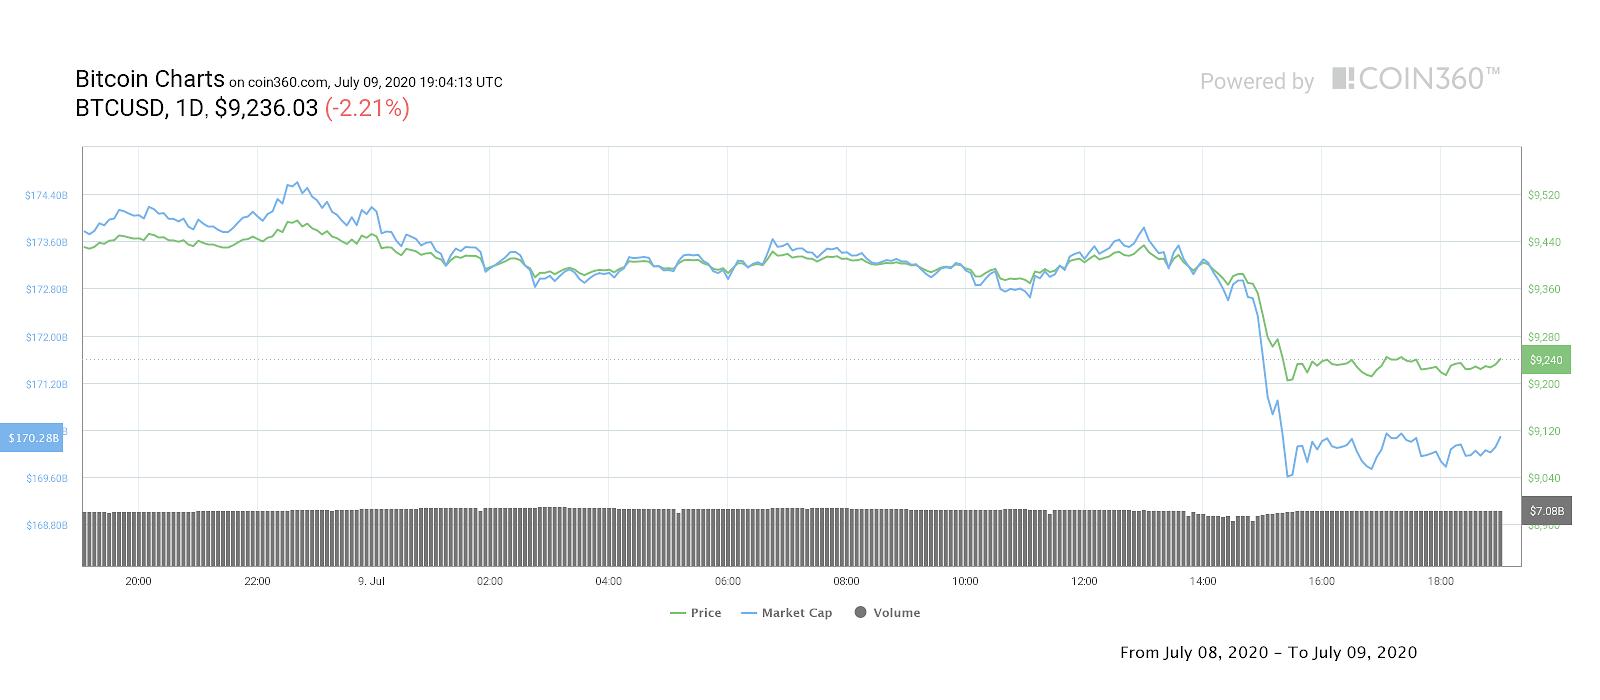 Gráfico de precios diarios de Bitcoin. Fuente: Coin360